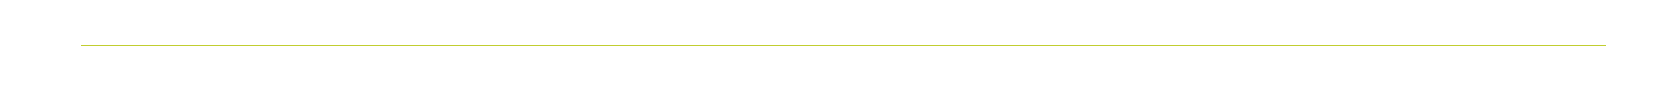 Green Line | assessURhealth